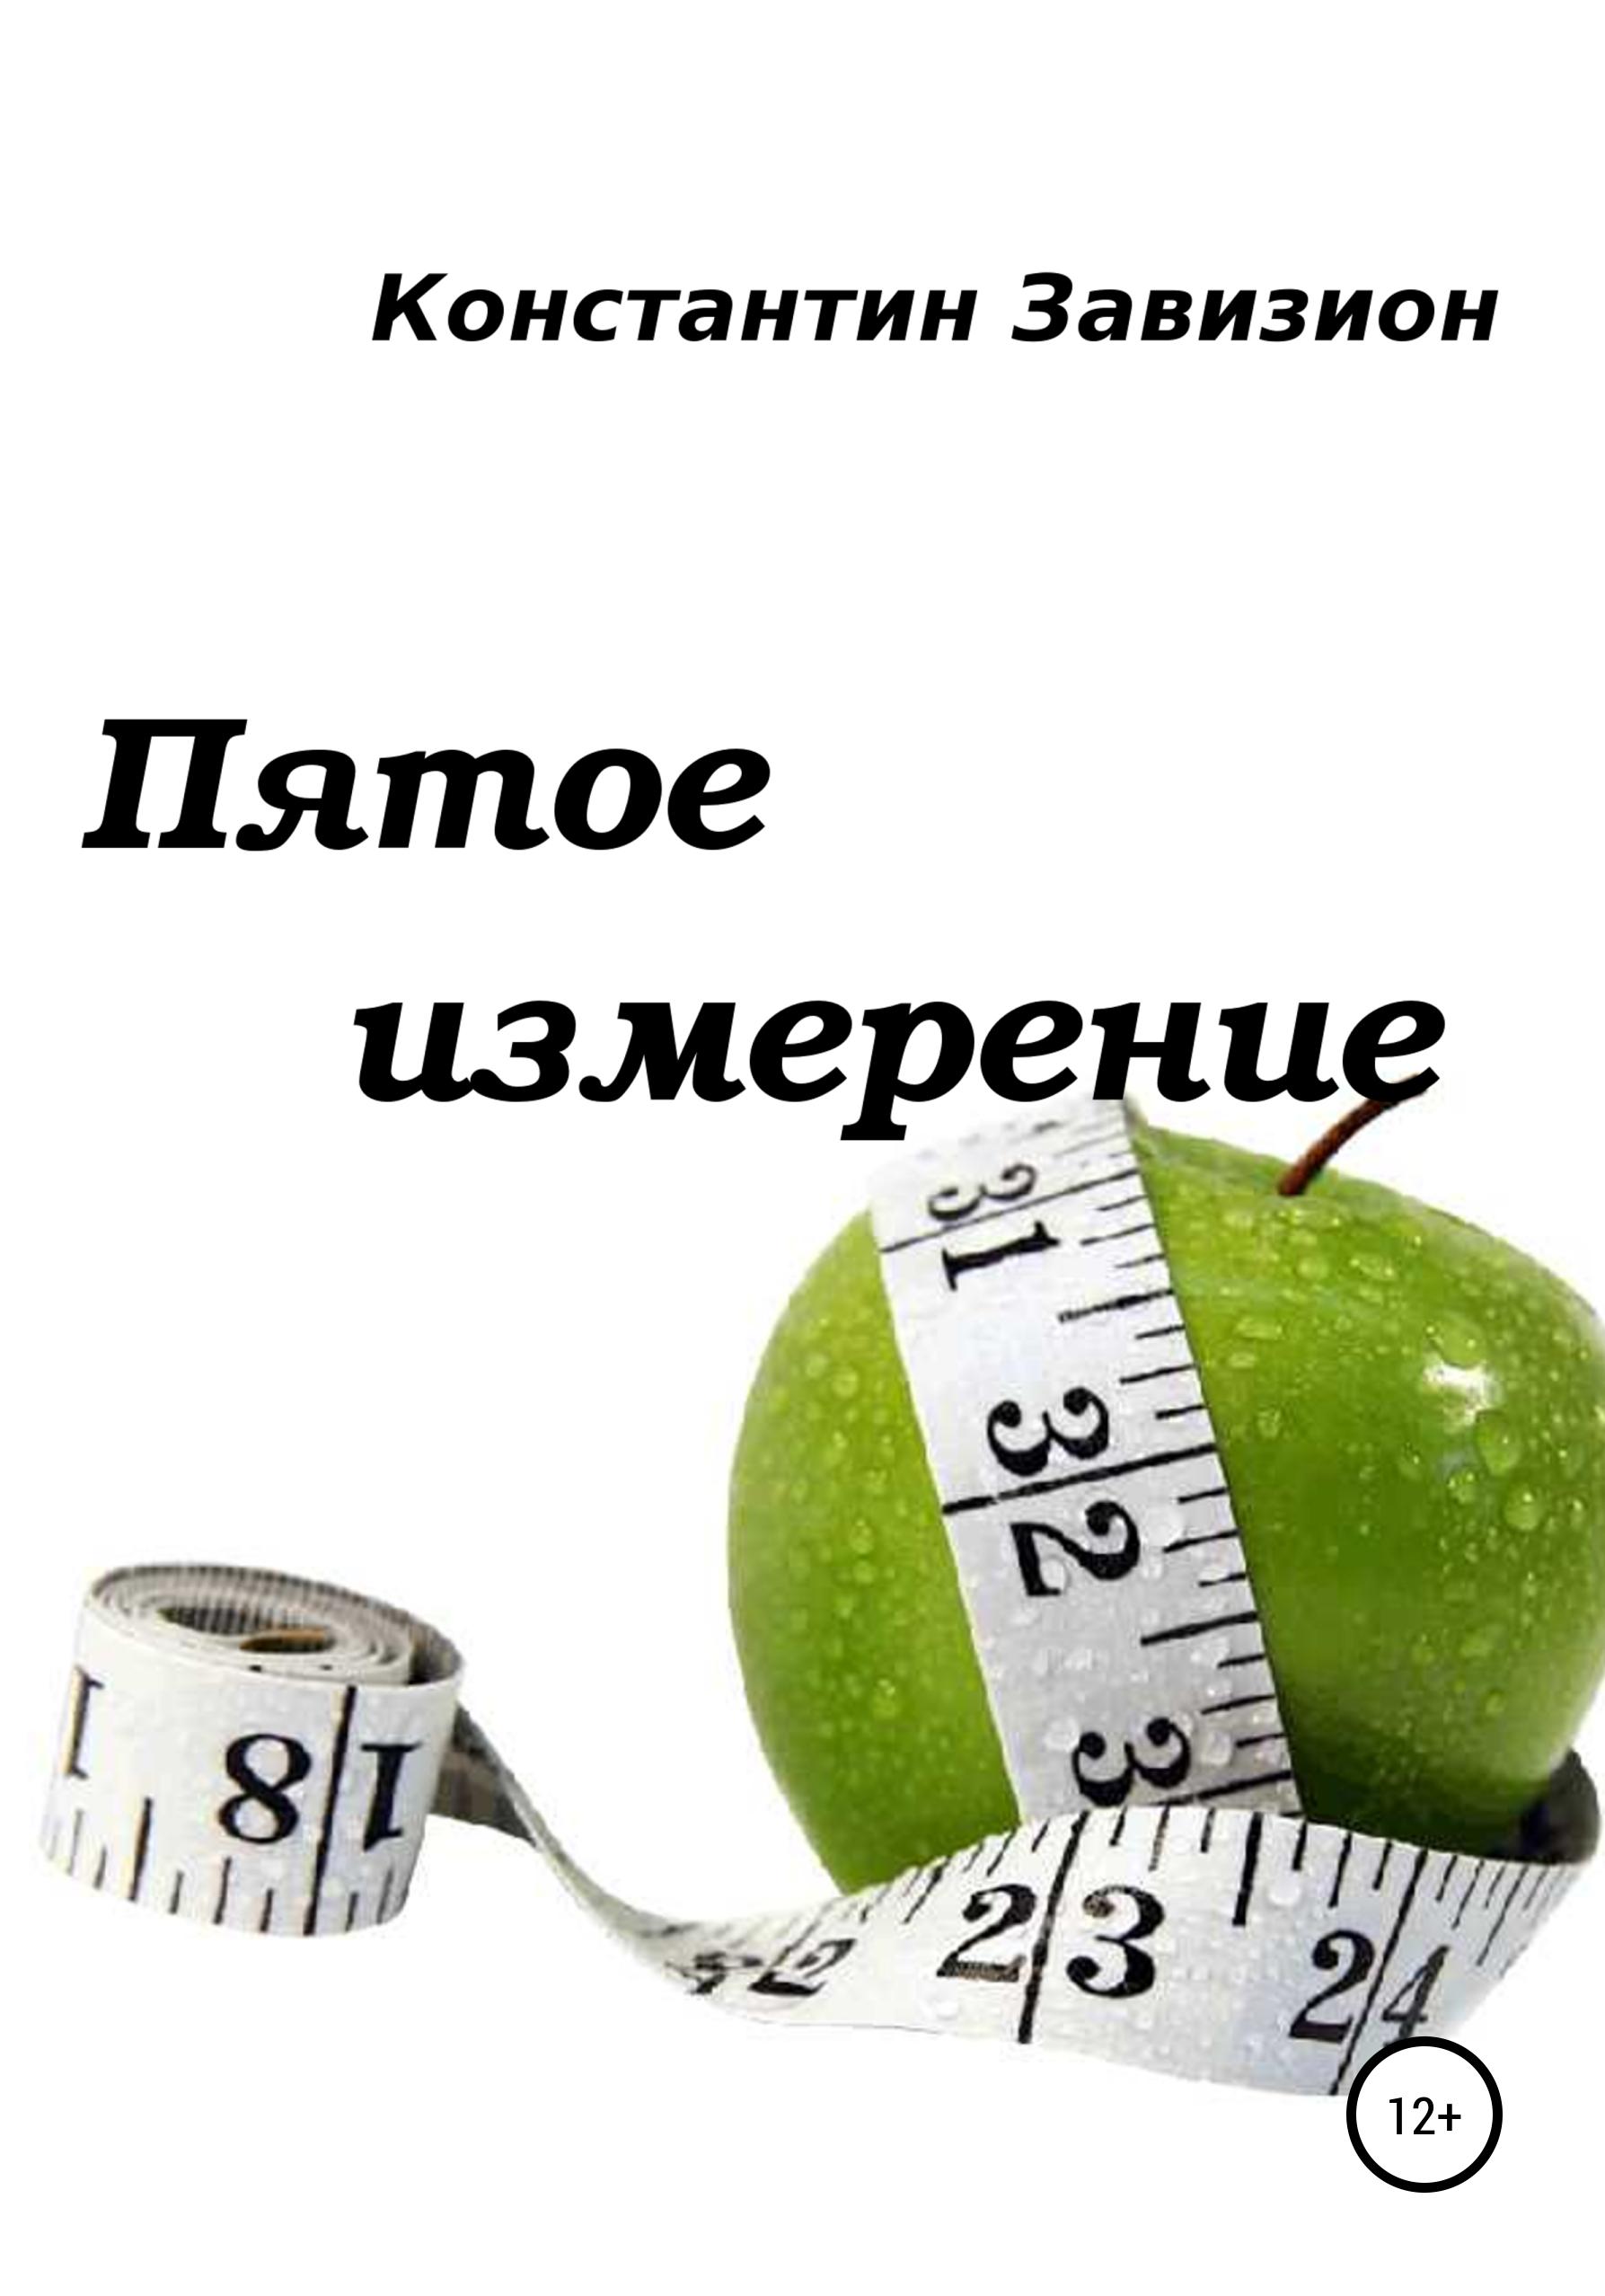 Обложка книги. Автор - Константин Завизион